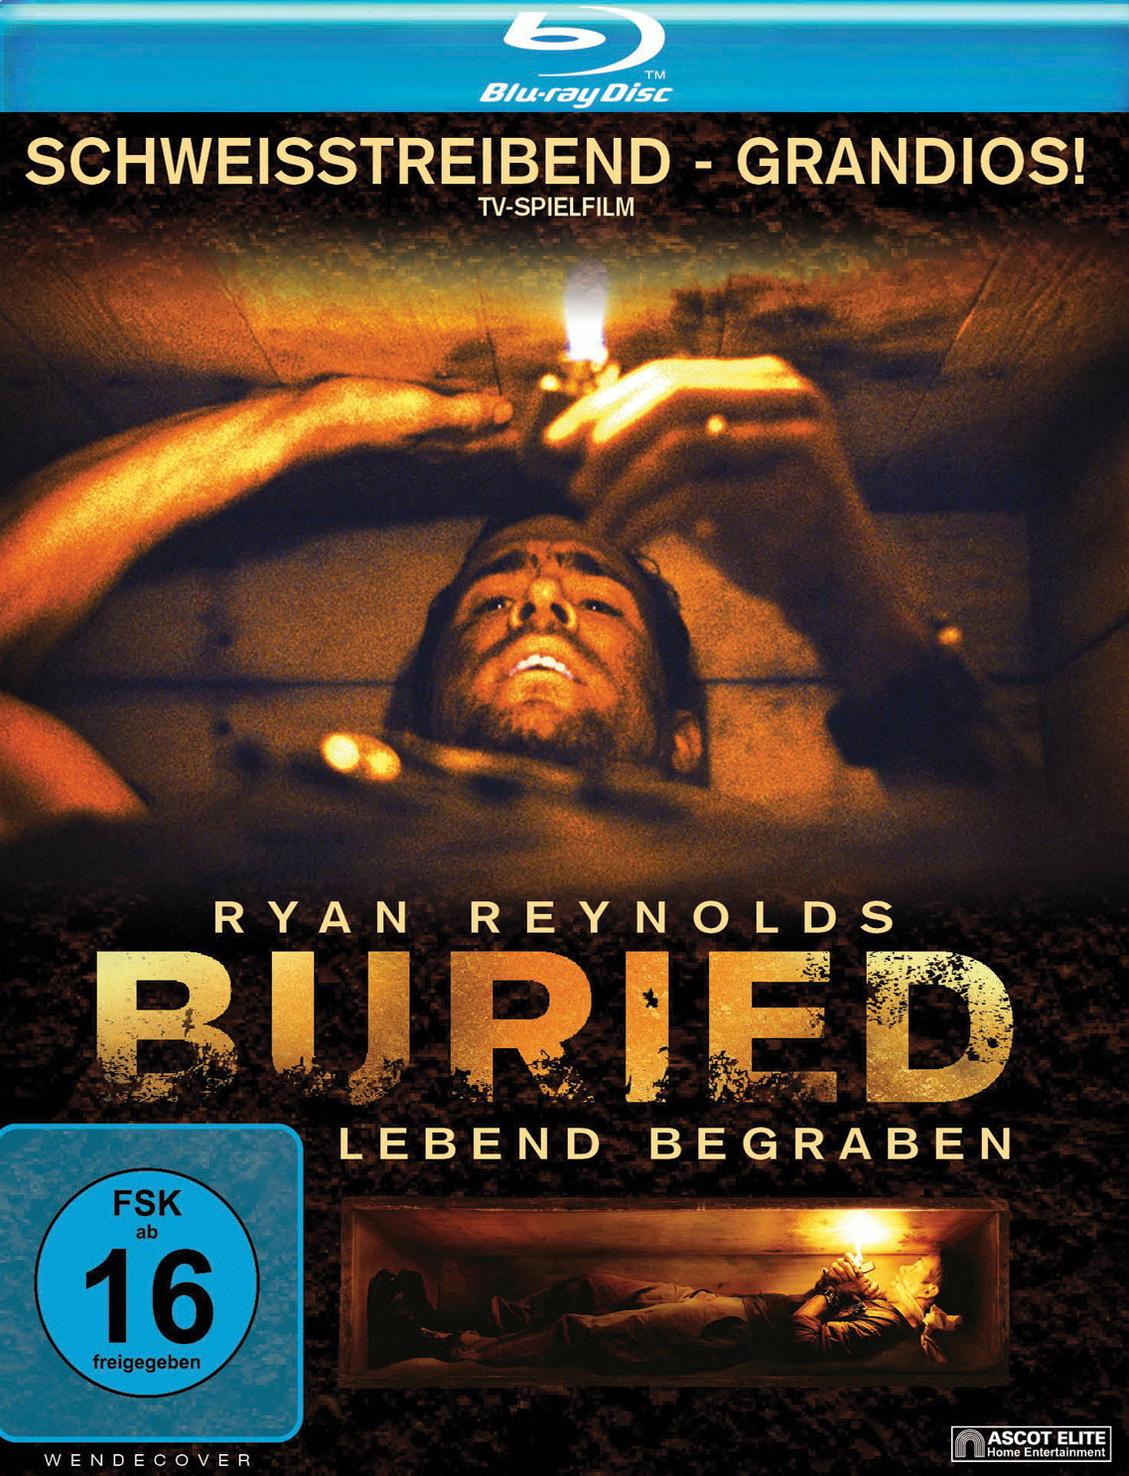 [ebay - mecodu] Buried: Lebend begraben (Blu-ray) für 3,68€ inkl. Versand